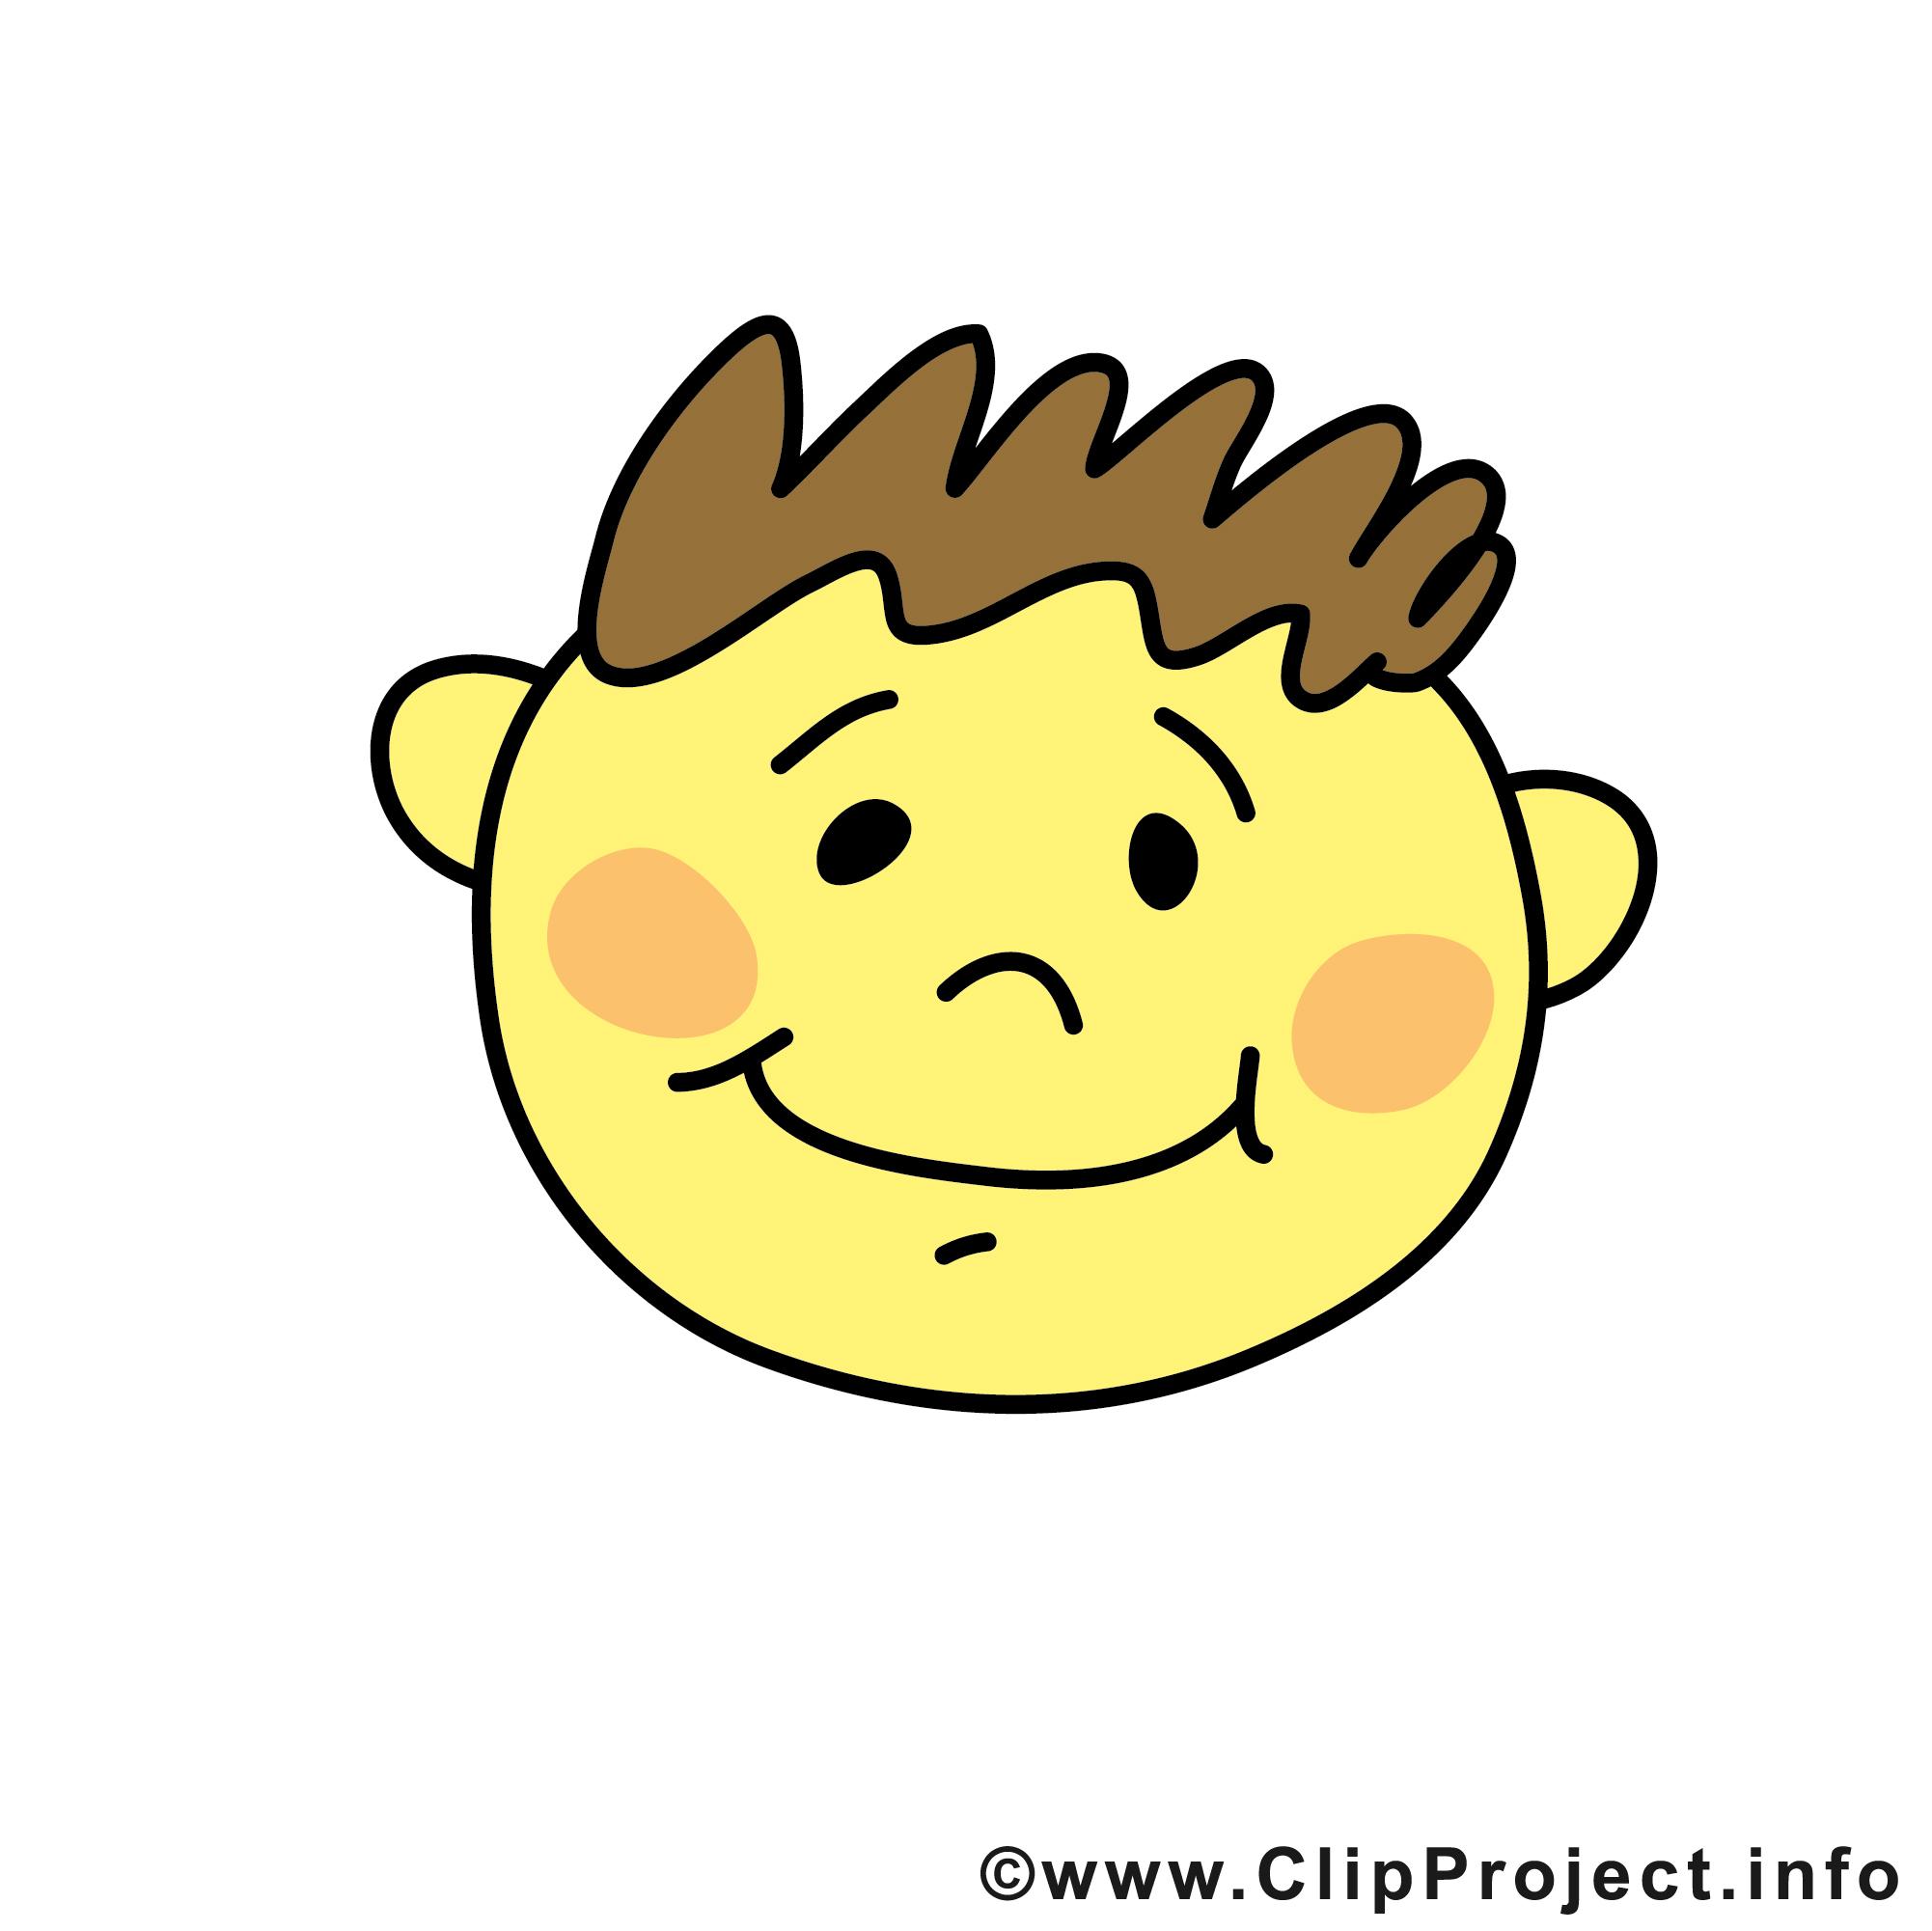 Content smiley dessin gratuit smileys dessin picture - Image smiley gratuit ...